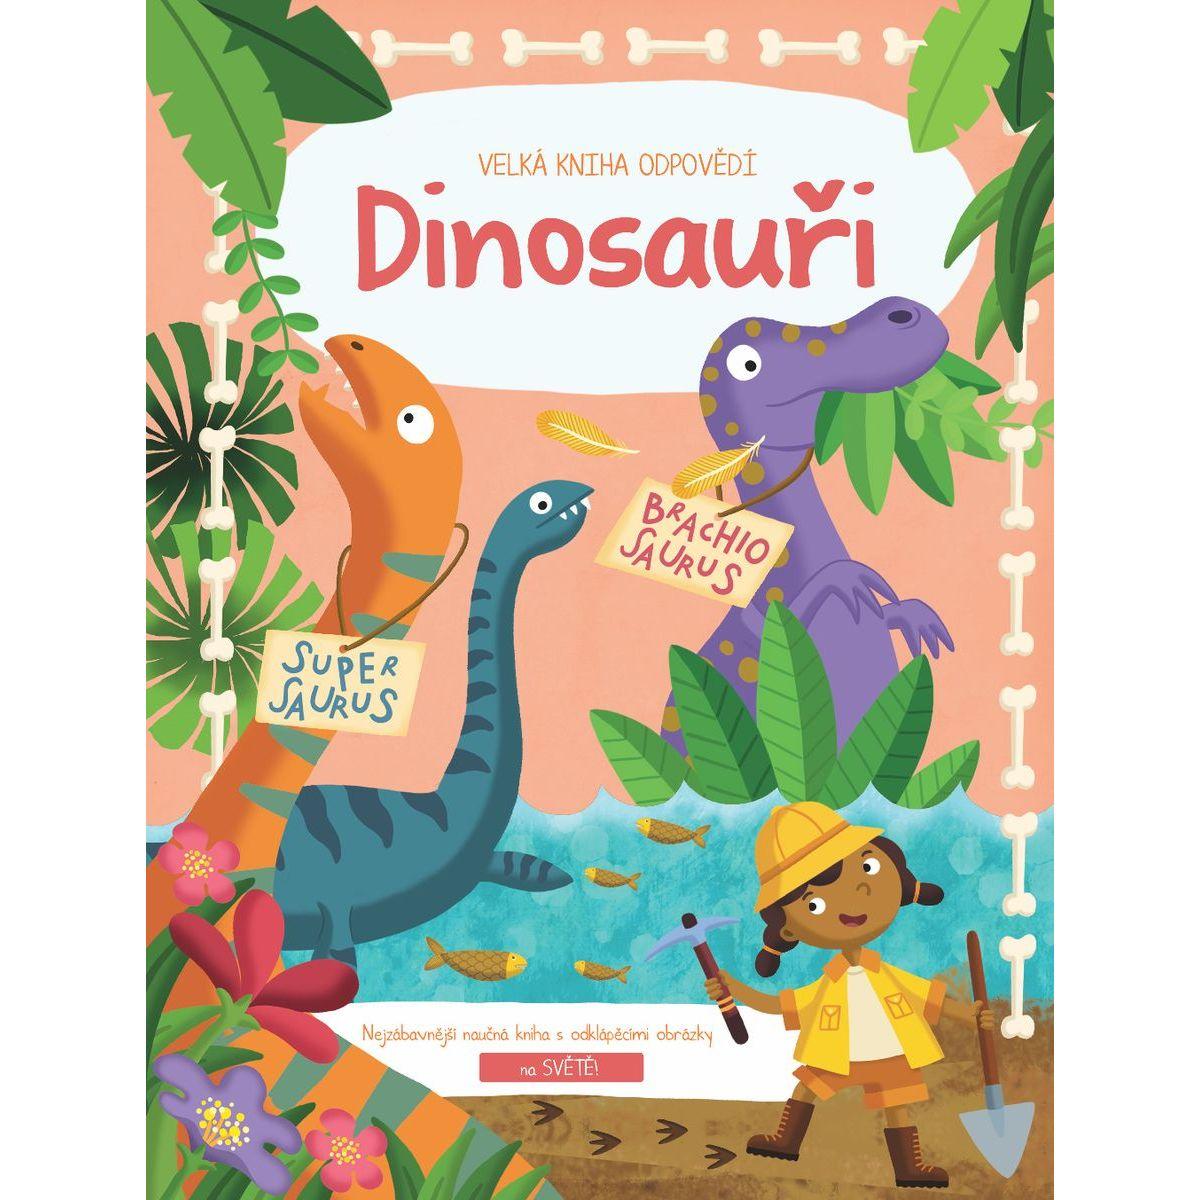 Veľká kniha odpovedí Dinosaury